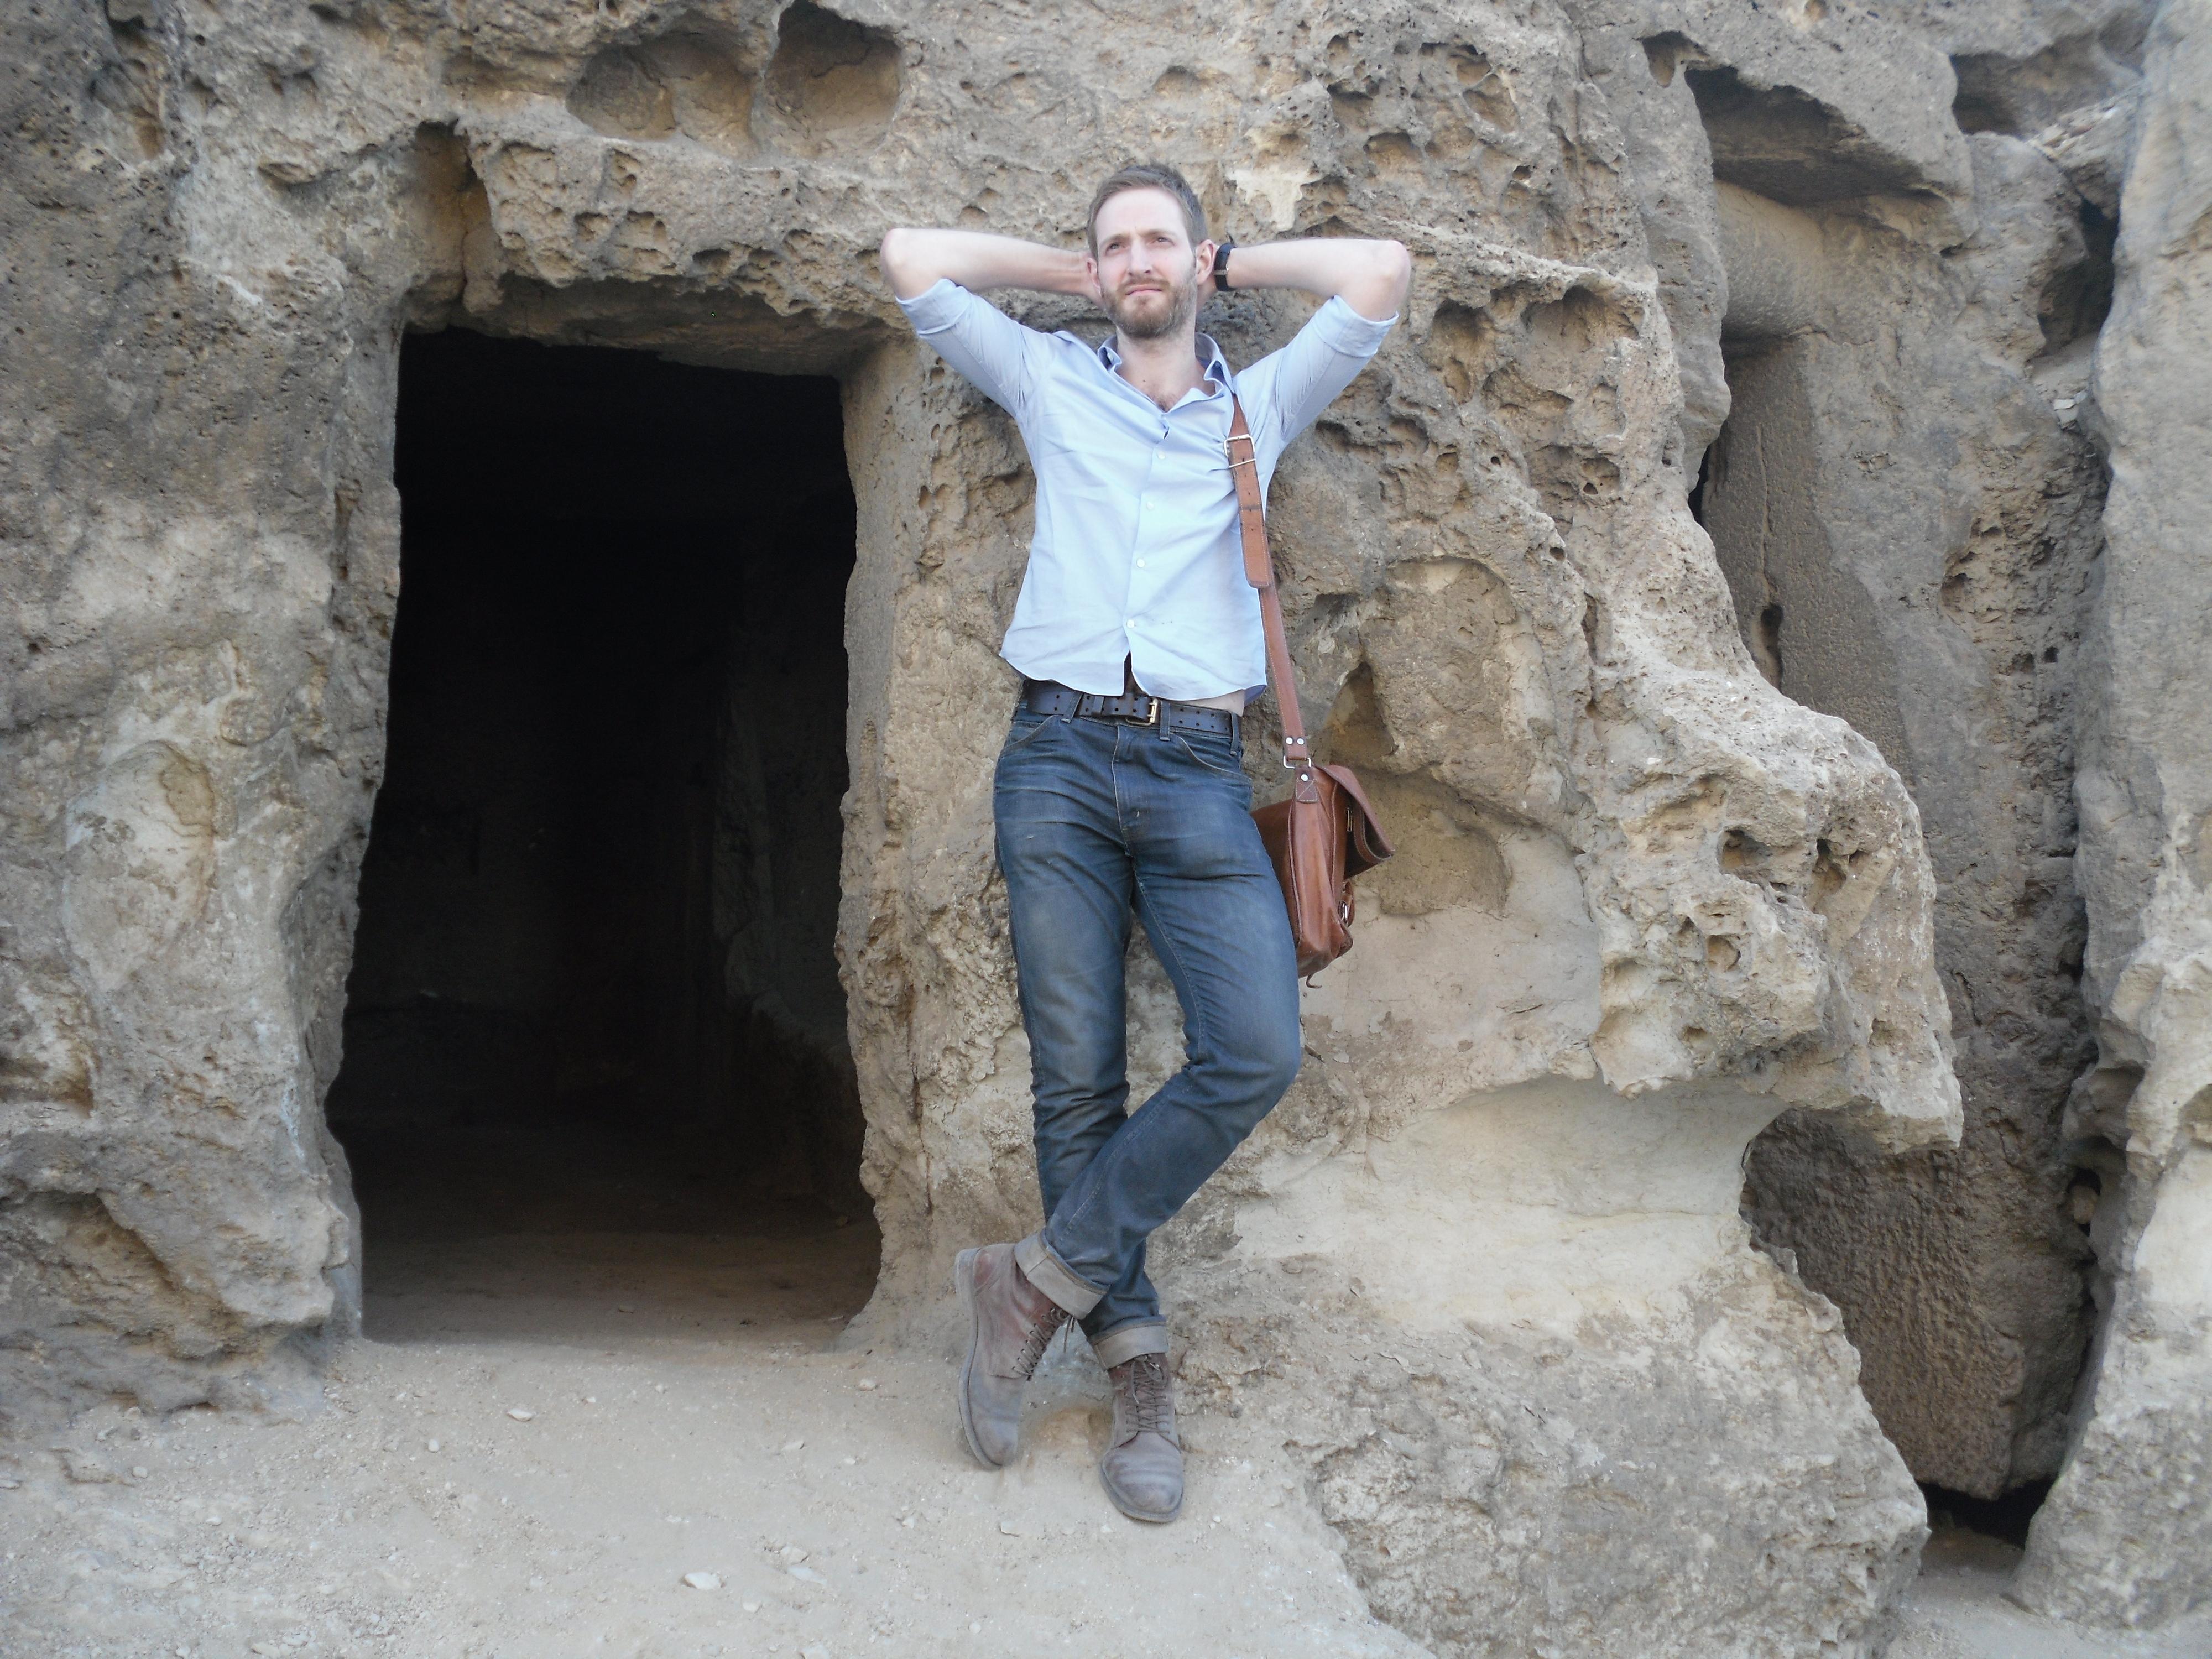 Chris at rock tomb – Chris Naunton